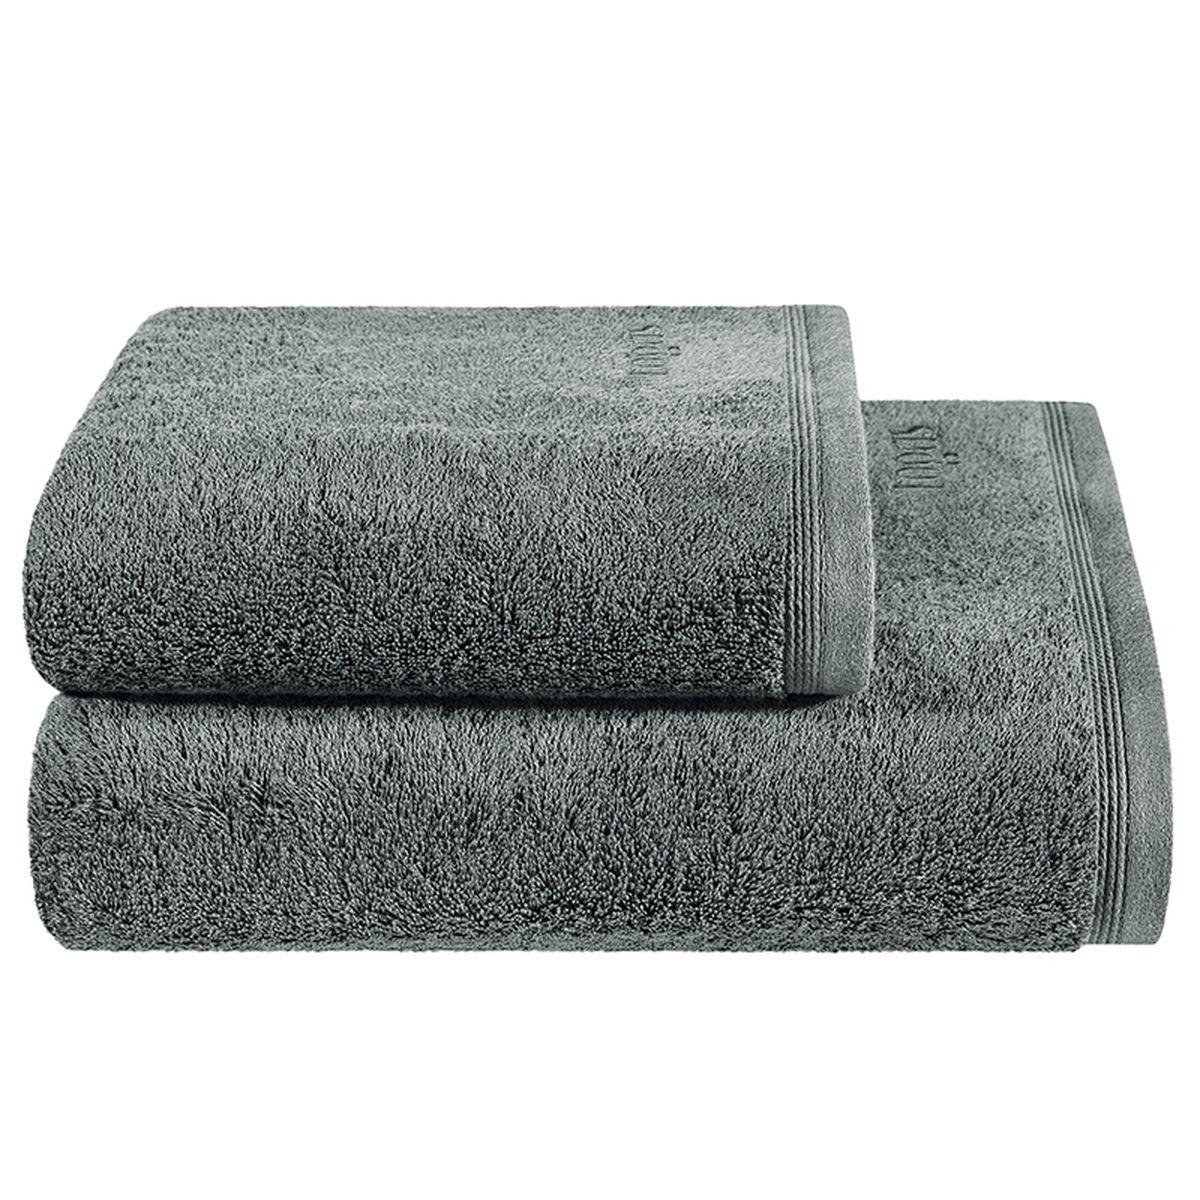 Полотенце Togas Пуатье, цвет: темно-серый, 70 х 140 см10.00.01.1016Полотенце Togas Пуатье невероятно гармонично сочетает в себе лучшие качества современного махрового текстиля. Безупречные по качеству, экологичное полотенце из 70% хлопка и 30% модала идеально заботится о вашей коже, особенно после душа, когда вы расслаблены и особо уязвимы. Деликатный дизайн полотенца Togas «Пуатье» - воплощение изысканной простоты, где на первый план выходит качество материала. Невероятно мягкое волокно модал, превосходящее по своим свойствам даже хлопок, позволяет улучшить впитывающие качества полотенца и делает его удивительно мягким. Модал - это 100% натуральное, экологически чистое целлюлозное волокно. Оно производится без применения каких-либо химических примесей, поэтому абсолютно гипоаллергенно. Полотенце Togas Пуатье, обладающее идеальными качествами, будет поднимать вам настроение.